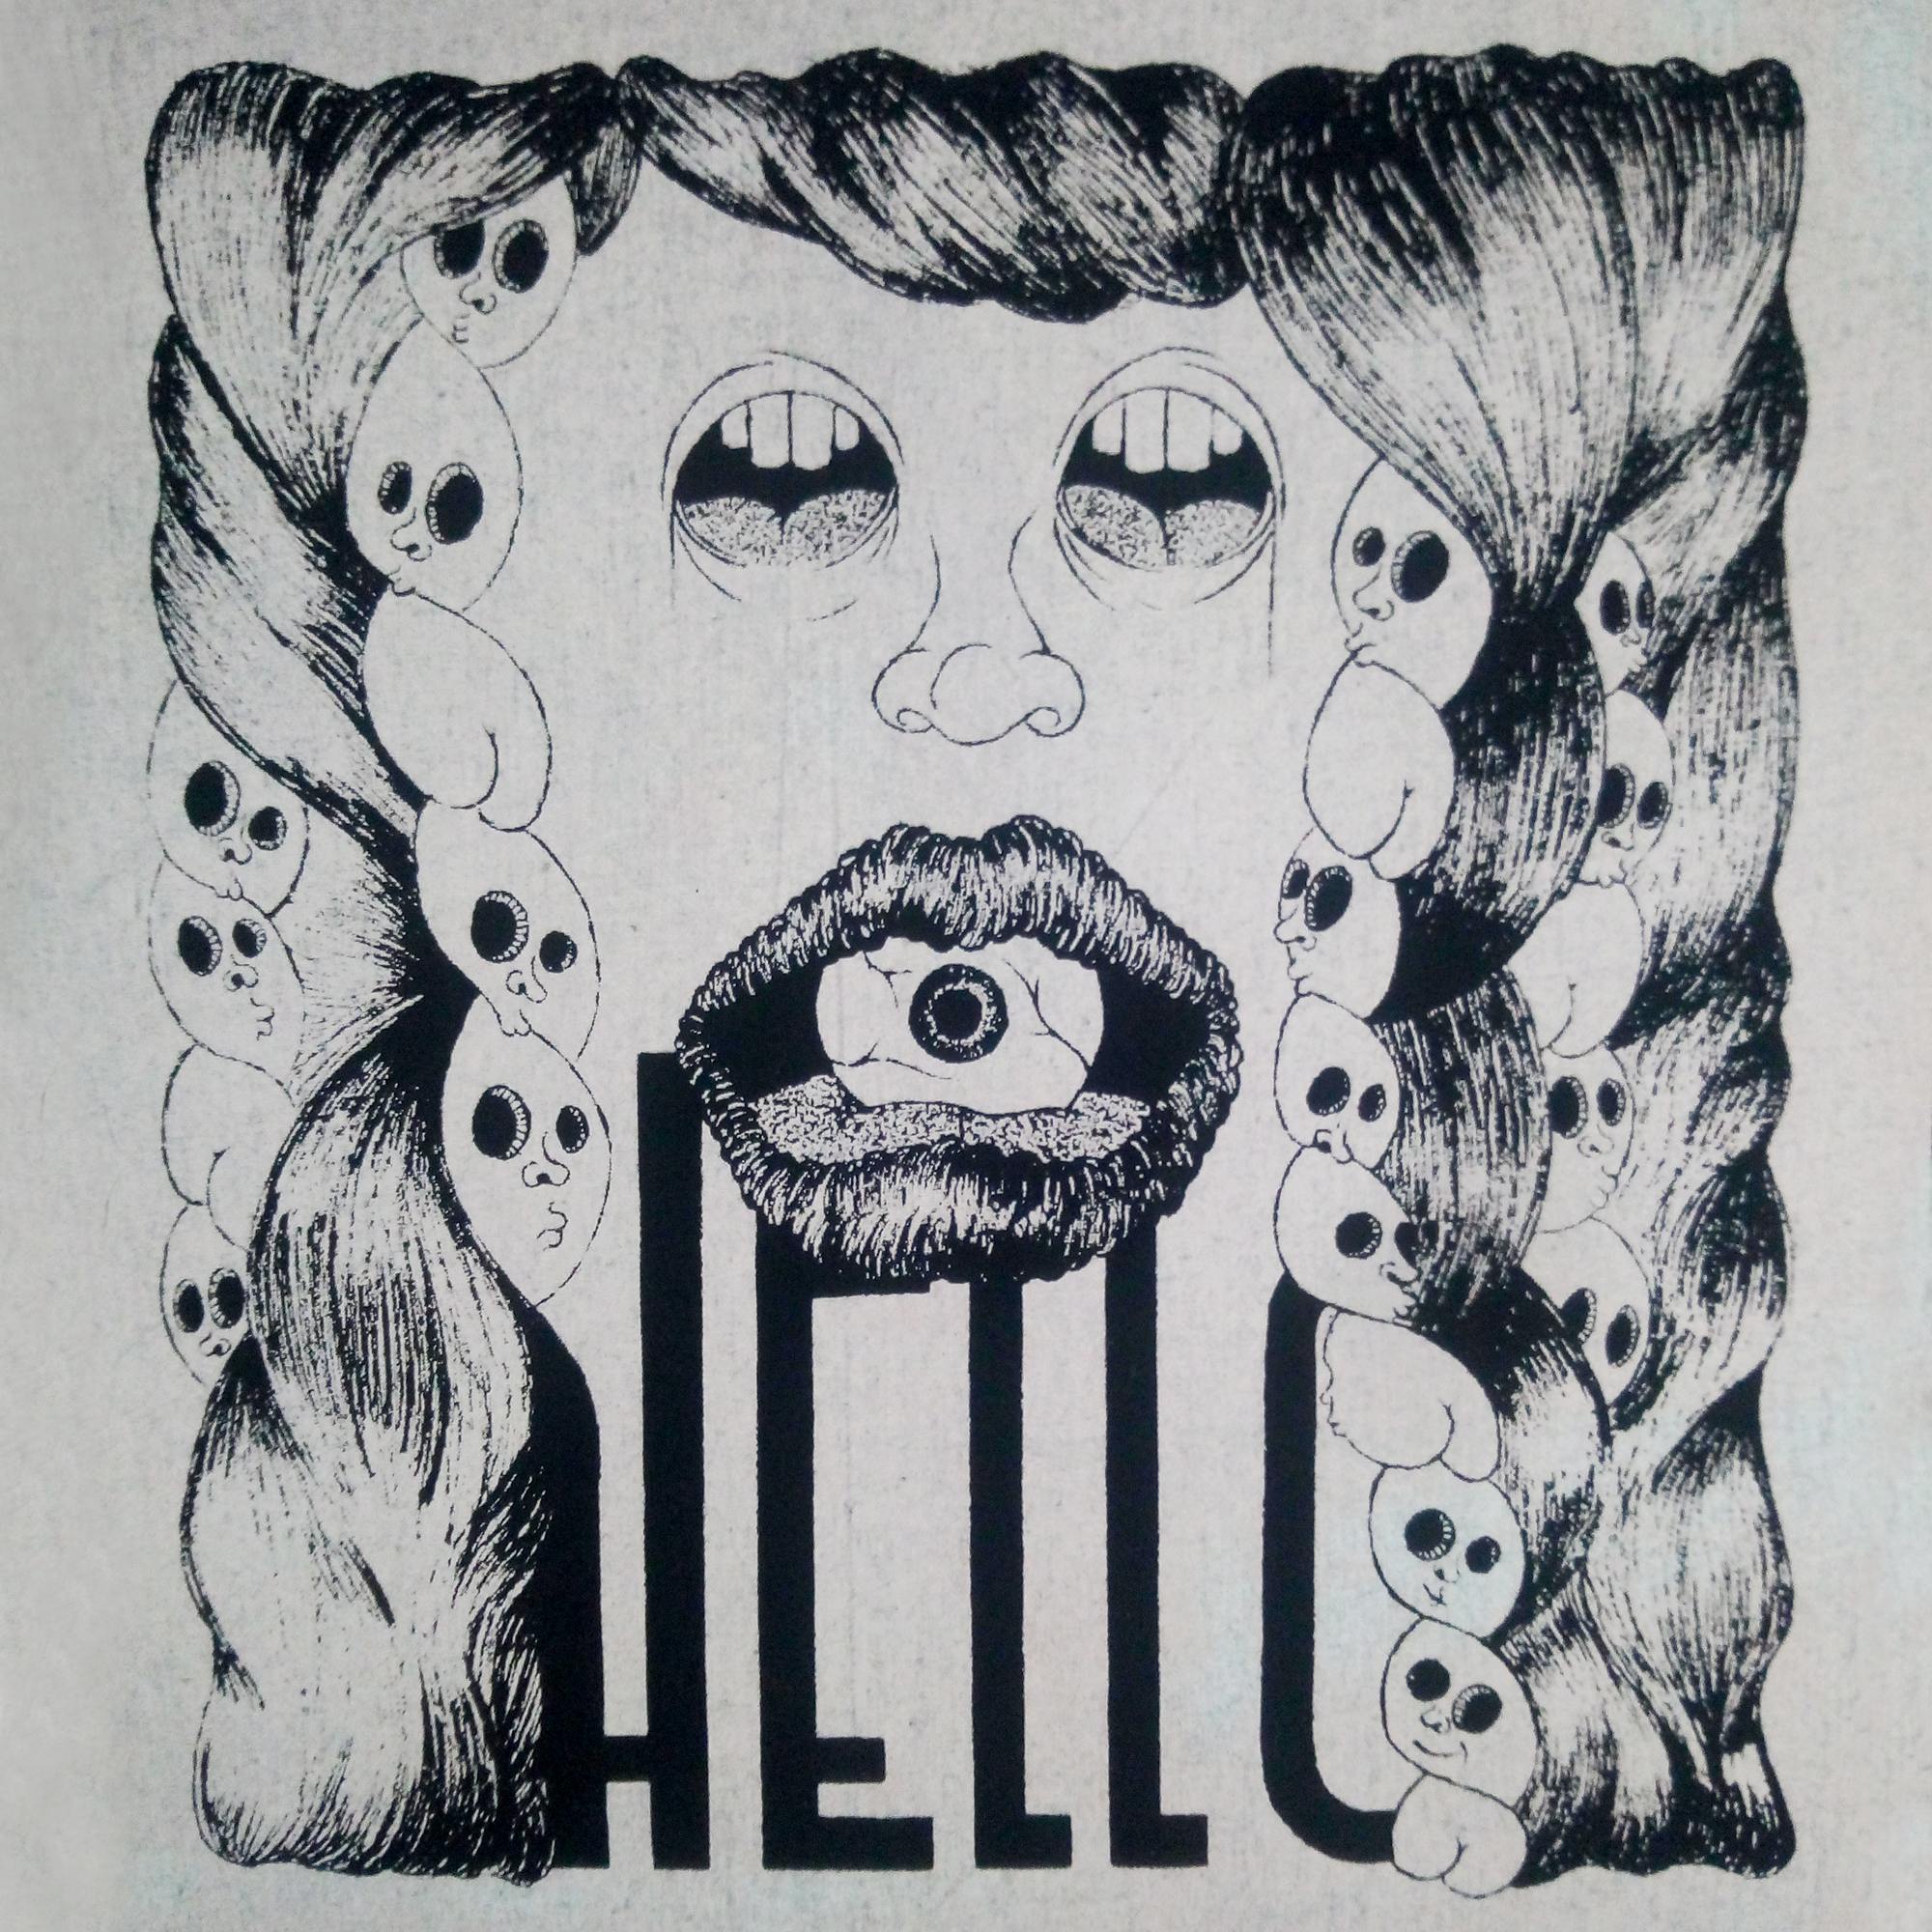 La boutique : Célia RATTO, graphiste multimédia à Annecy. Créations et Sérigraphie textile artisanale - Tote Bag Hello